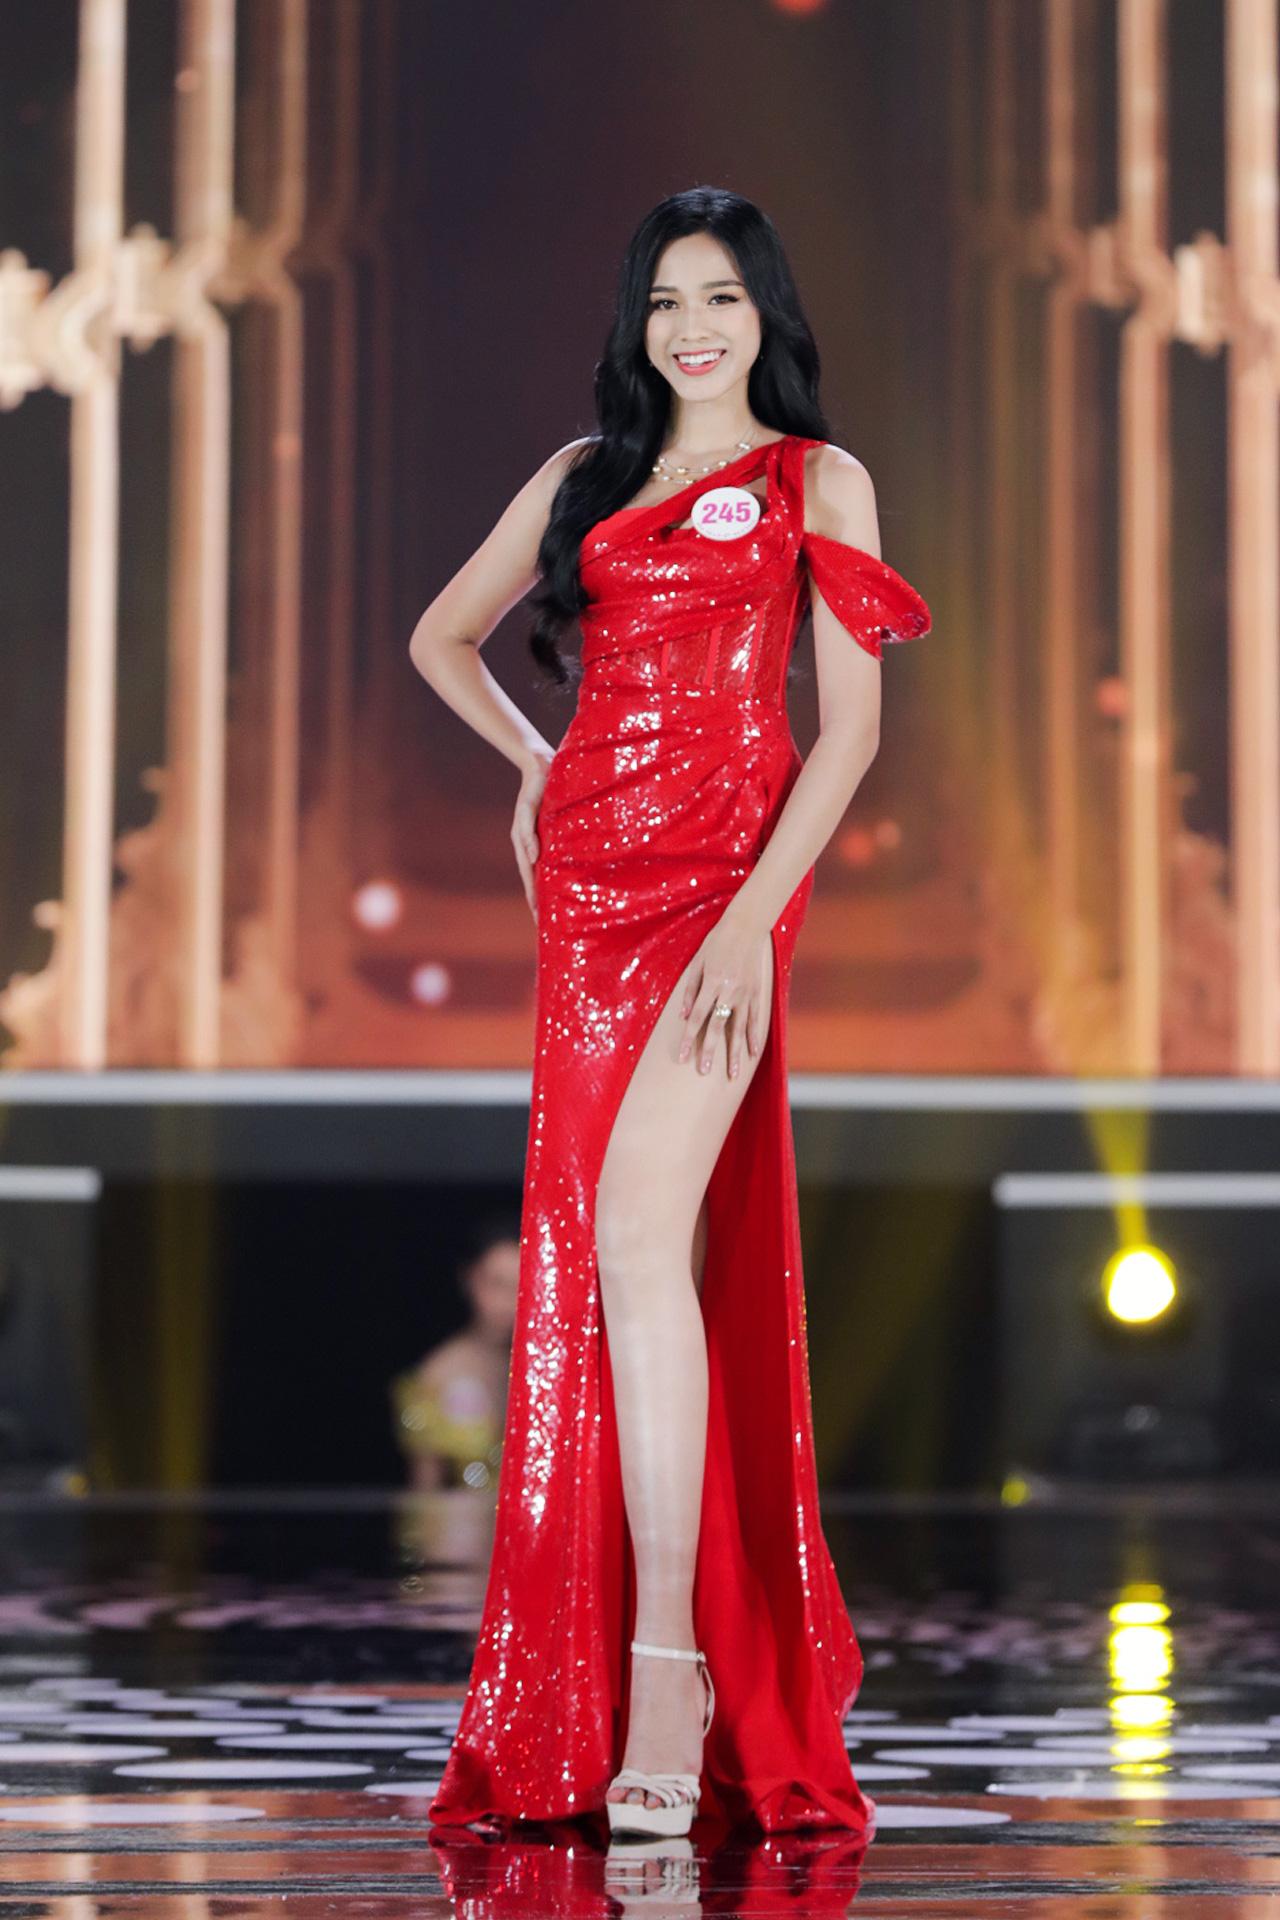 Hoa hậu Việt Nam 2020: Đỗ Thị Hà đoạt vương miện Một thập kỷ nhan sắc - Ảnh 1.